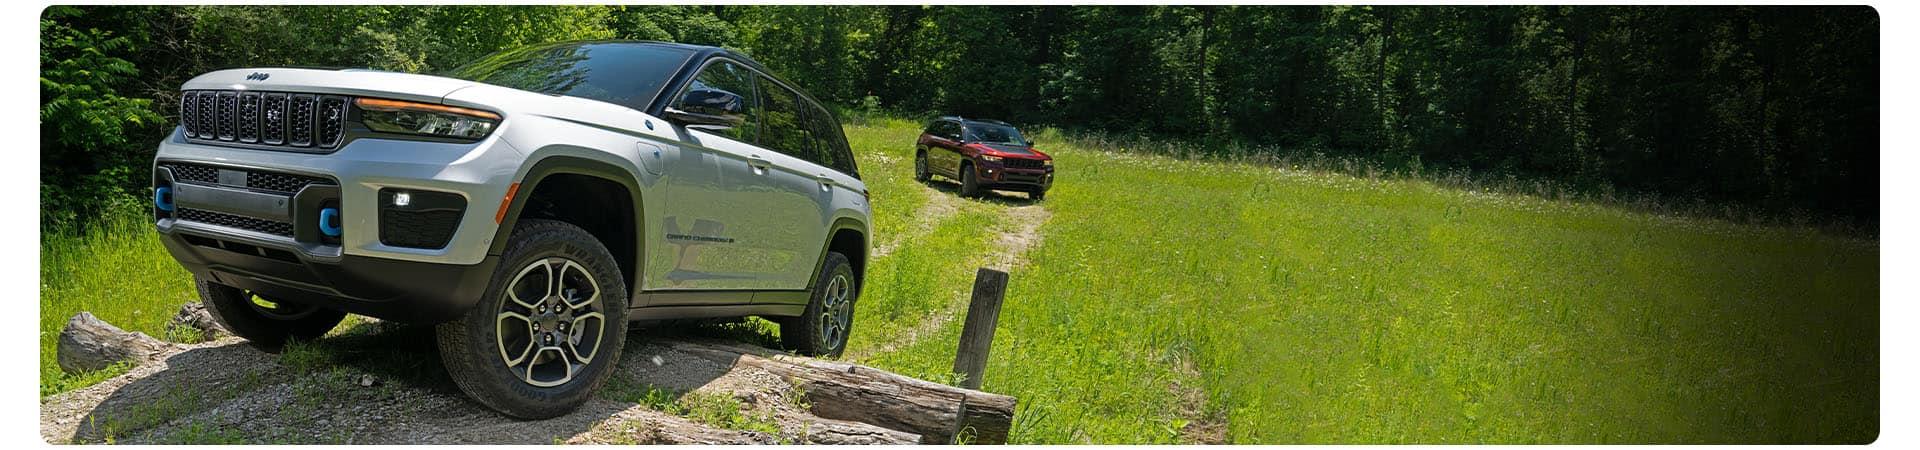 El Jeep Grand Cherokee Trailhawk 4xe 2022 cuesta arriba mientras trepa una pila de troncos.